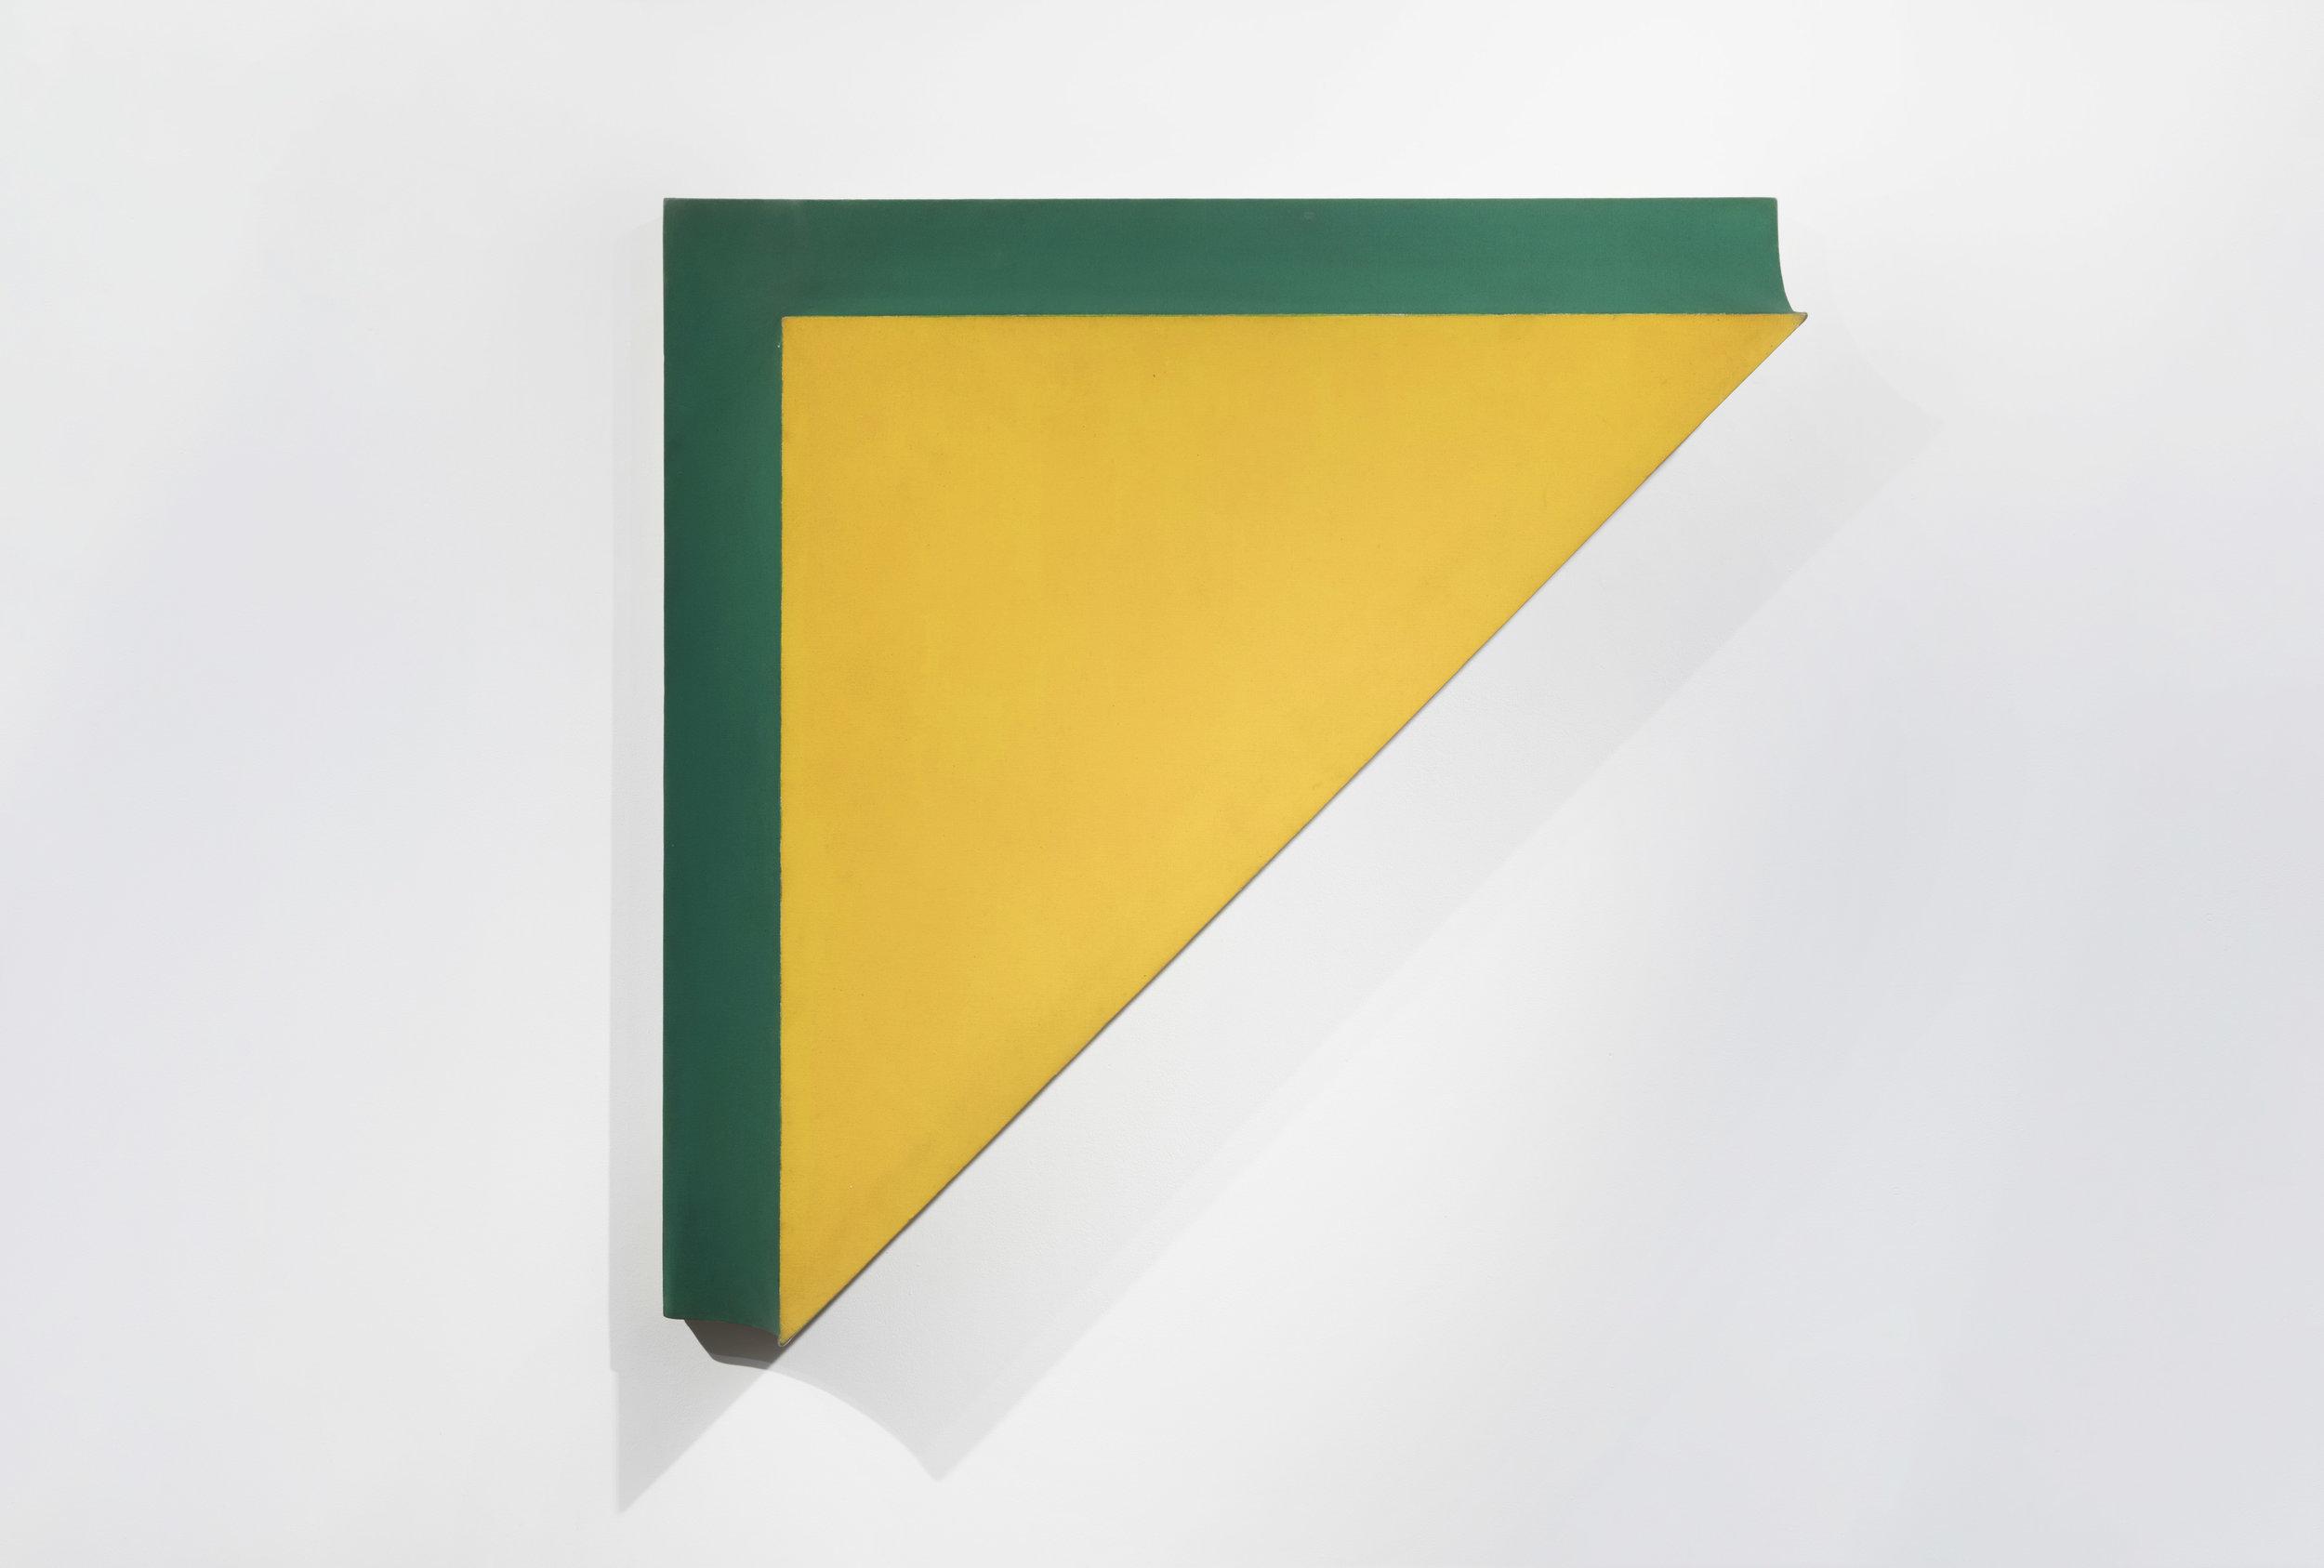 Richard Smith (1931–2016)   Kodak 3 , 1966 acrylic on canvas  48 1/4 x 48 1/4 x 8 in. (122.6 x 122.6 x 20.3 cm) LSFA# 14074